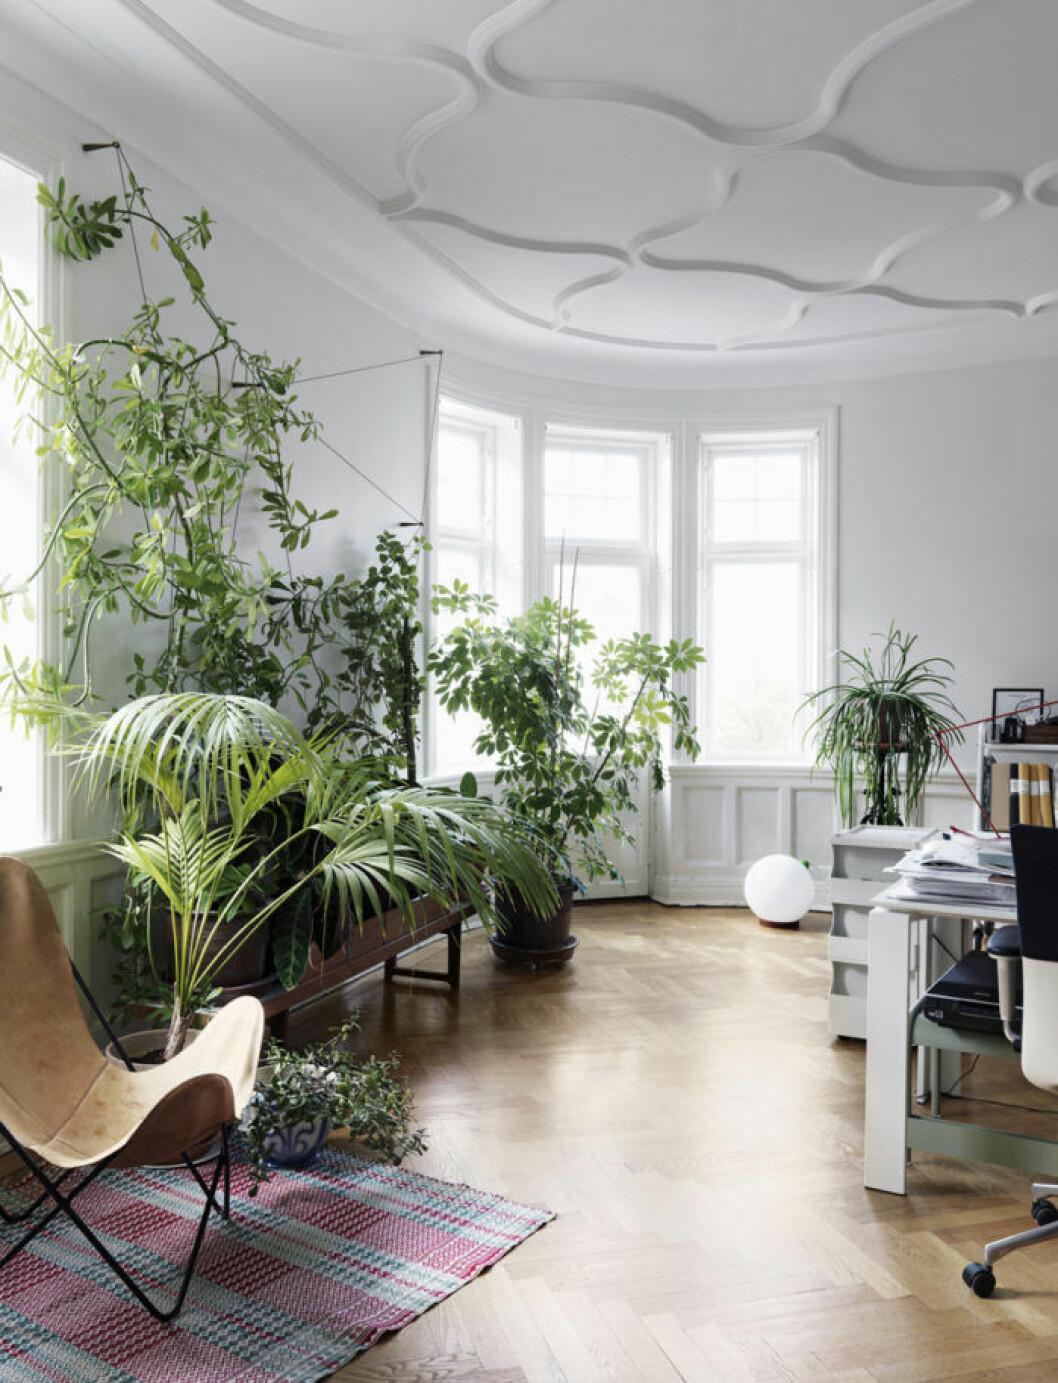 stort rum med vackra växer